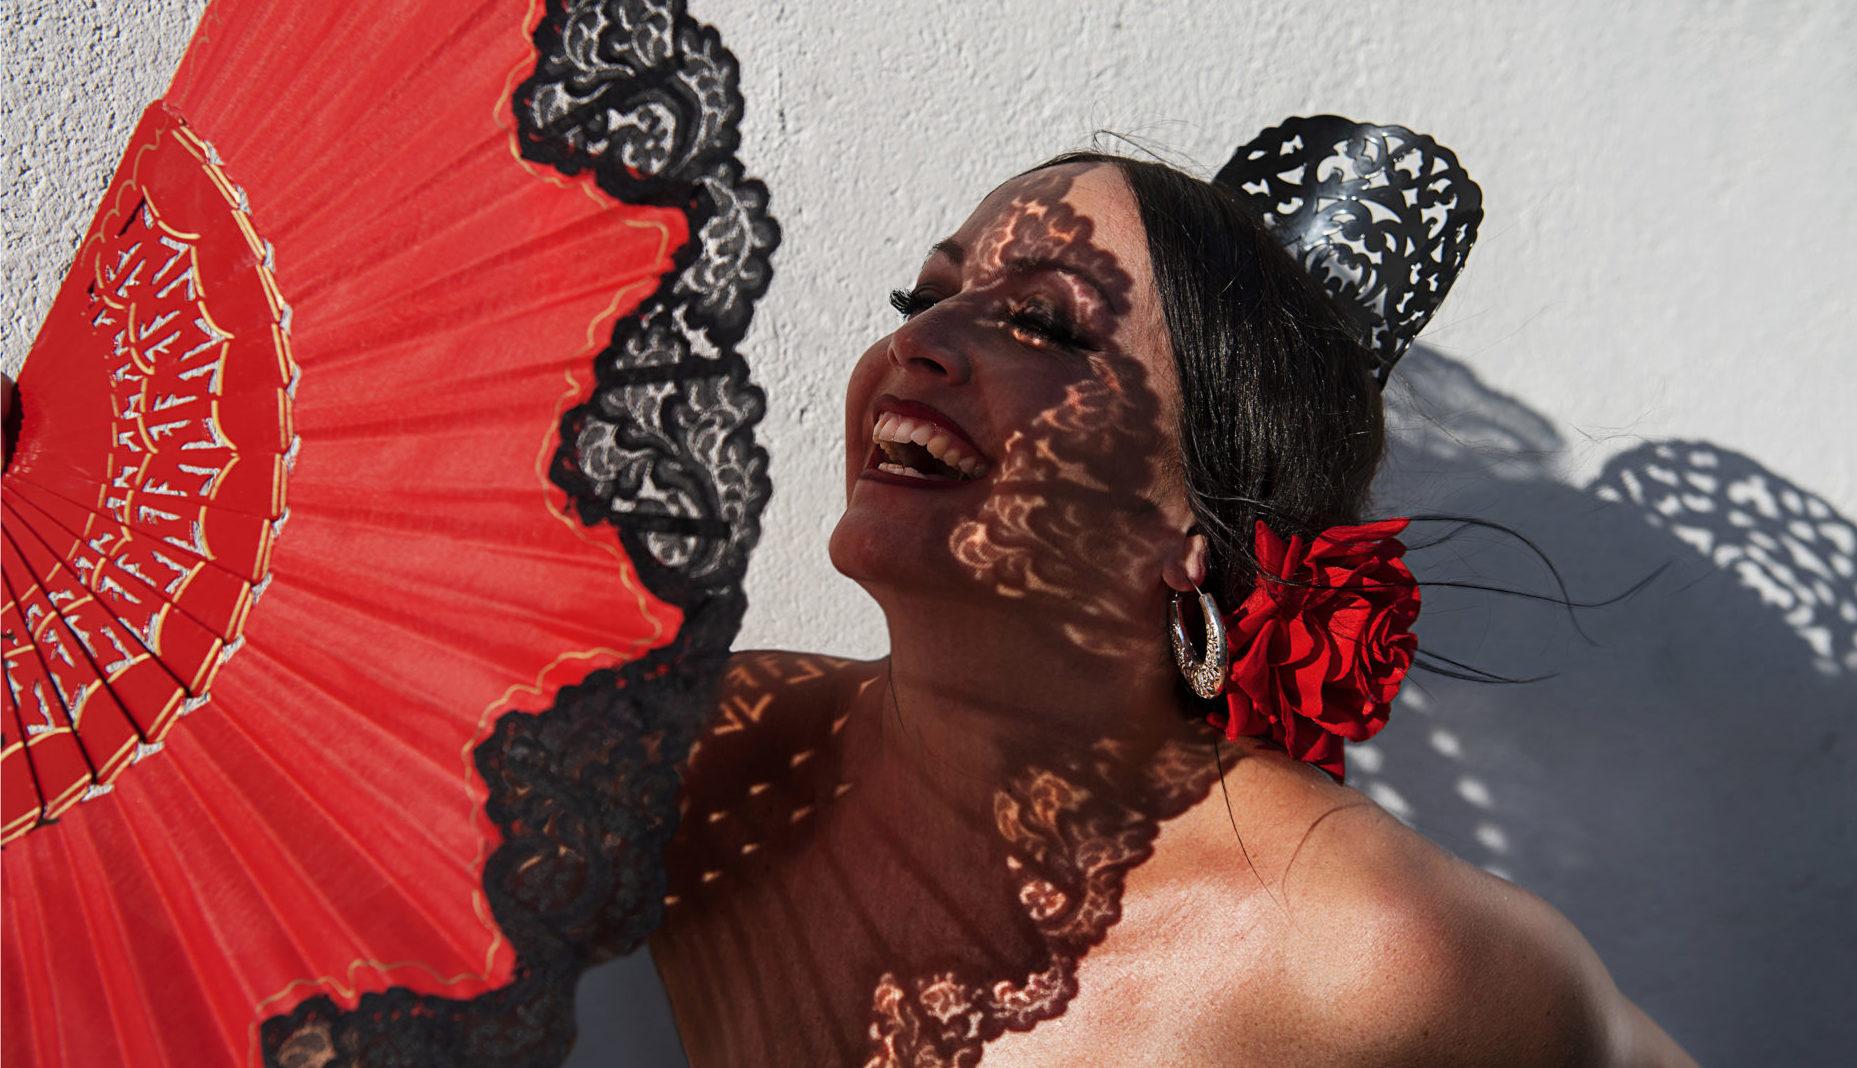 La Cati Flamenco mit Schatten